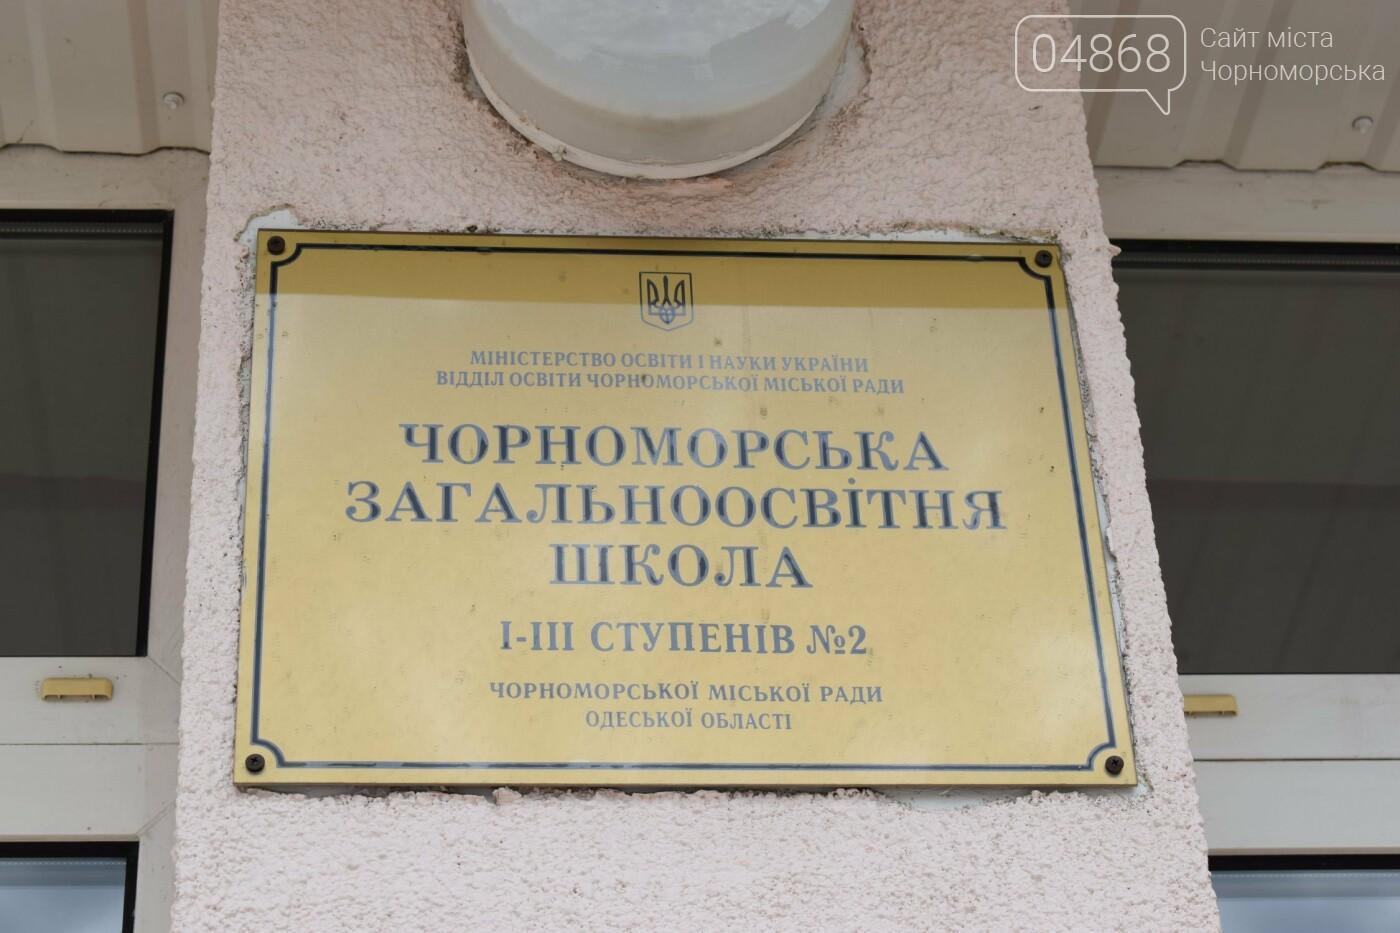 Как проходит досуг в пришкольных лагерях Черноморска, фото-1